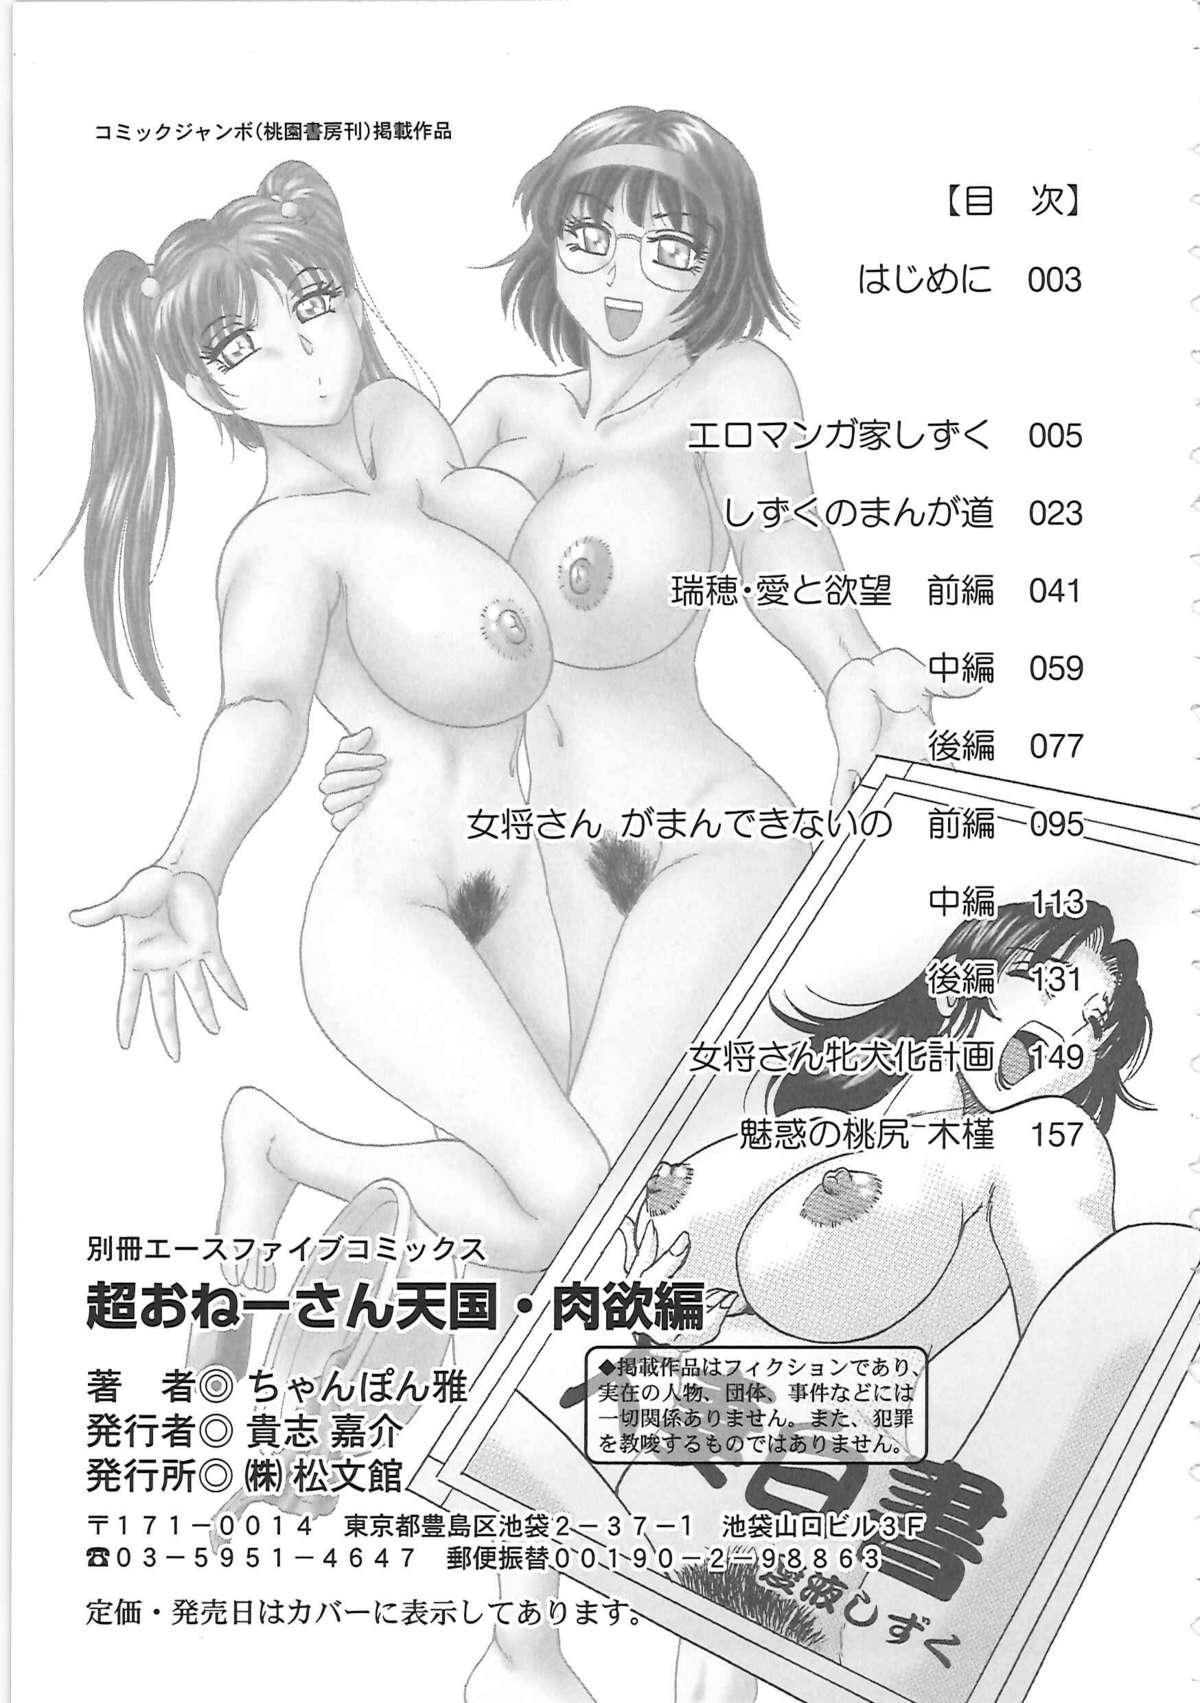 [Chanpon Miyabi] Cho-Onesan Tengoku 3 -Nikuyokuhen- [English] [Tadanohito] 182